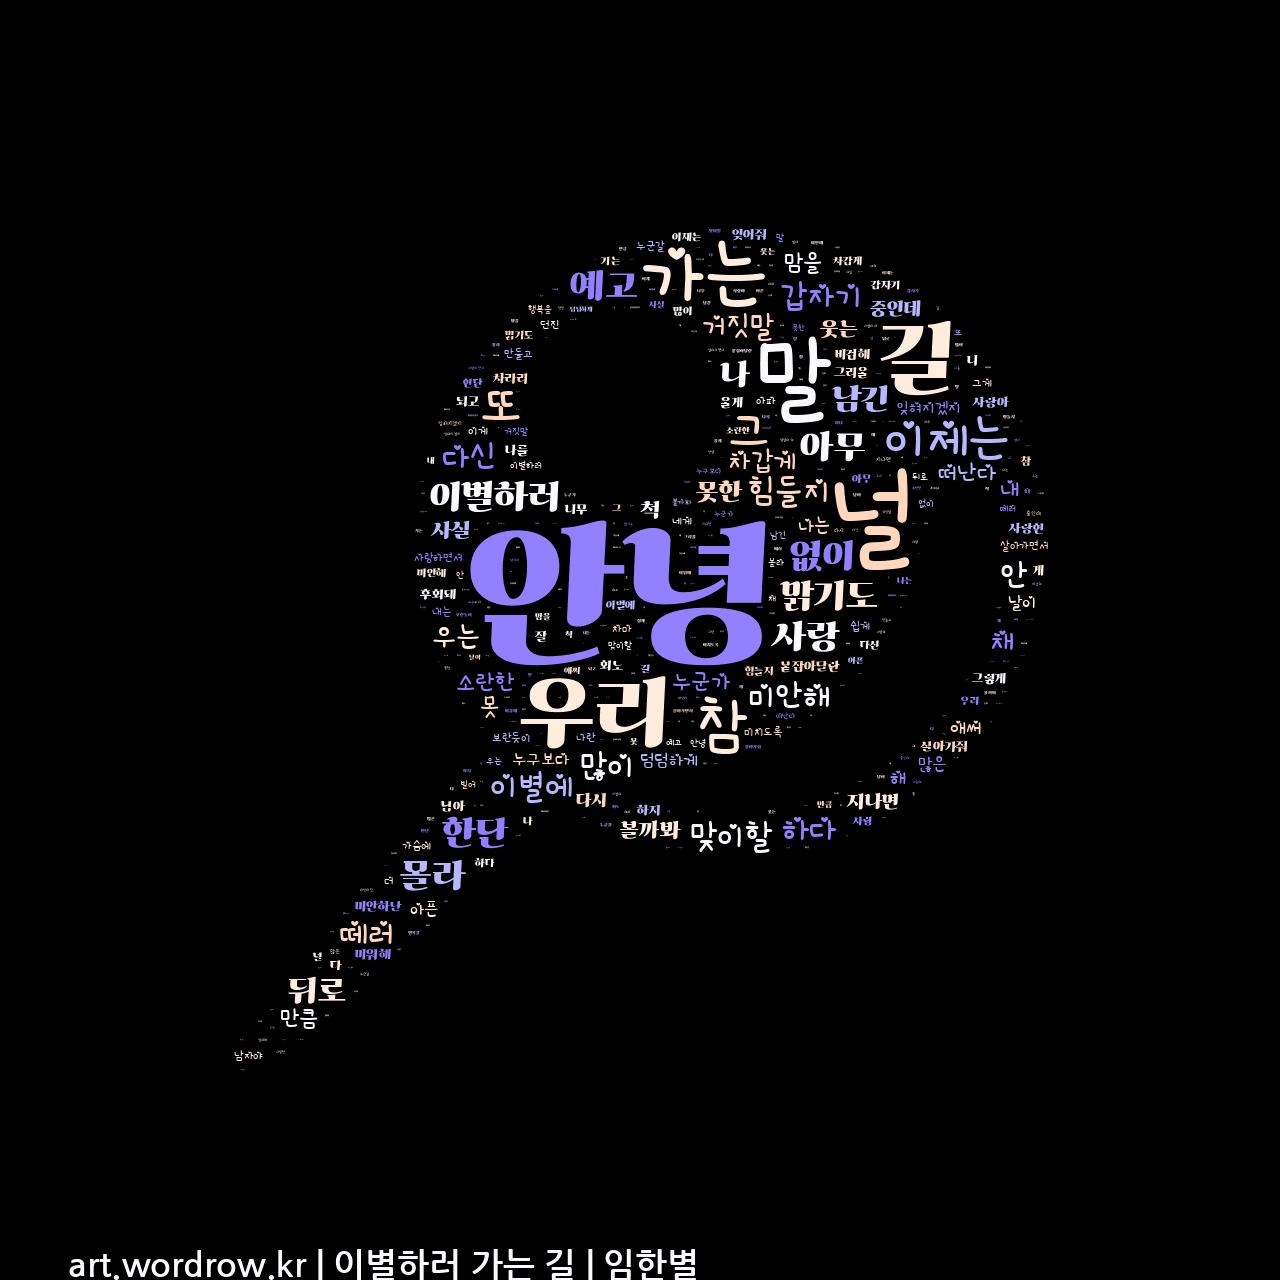 워드 클라우드: 이별하러 가는 길 [임한별]-13